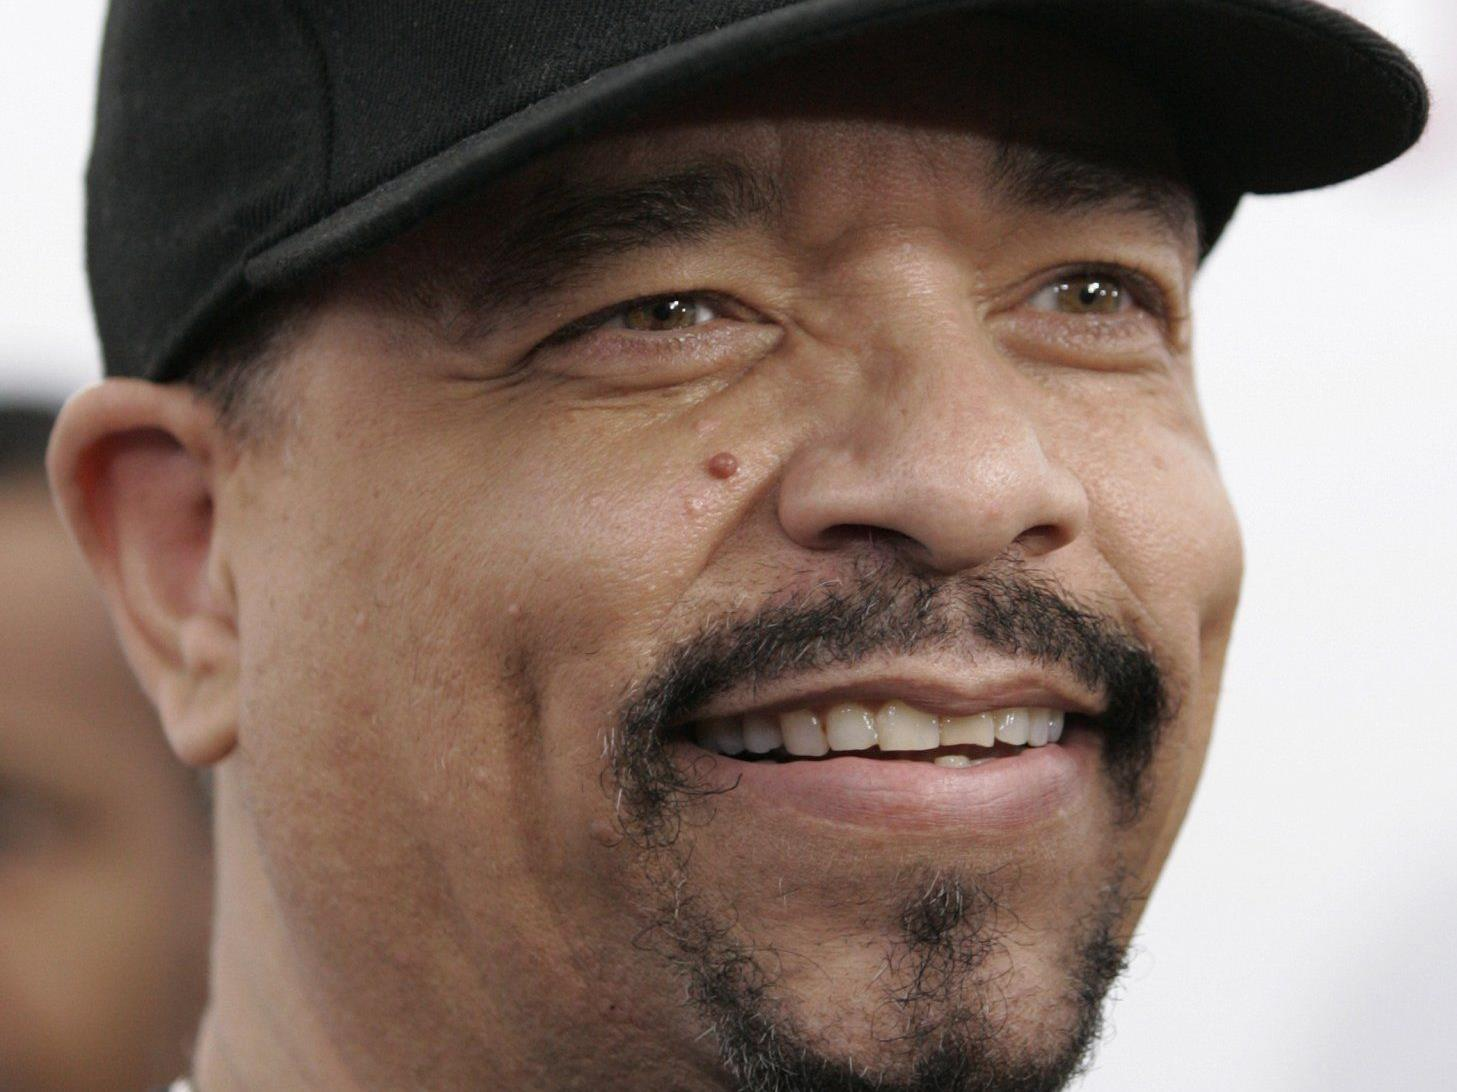 Ice-T ist neben seiner Karriere als Musiker auch als Schauspieler erfolgreich.